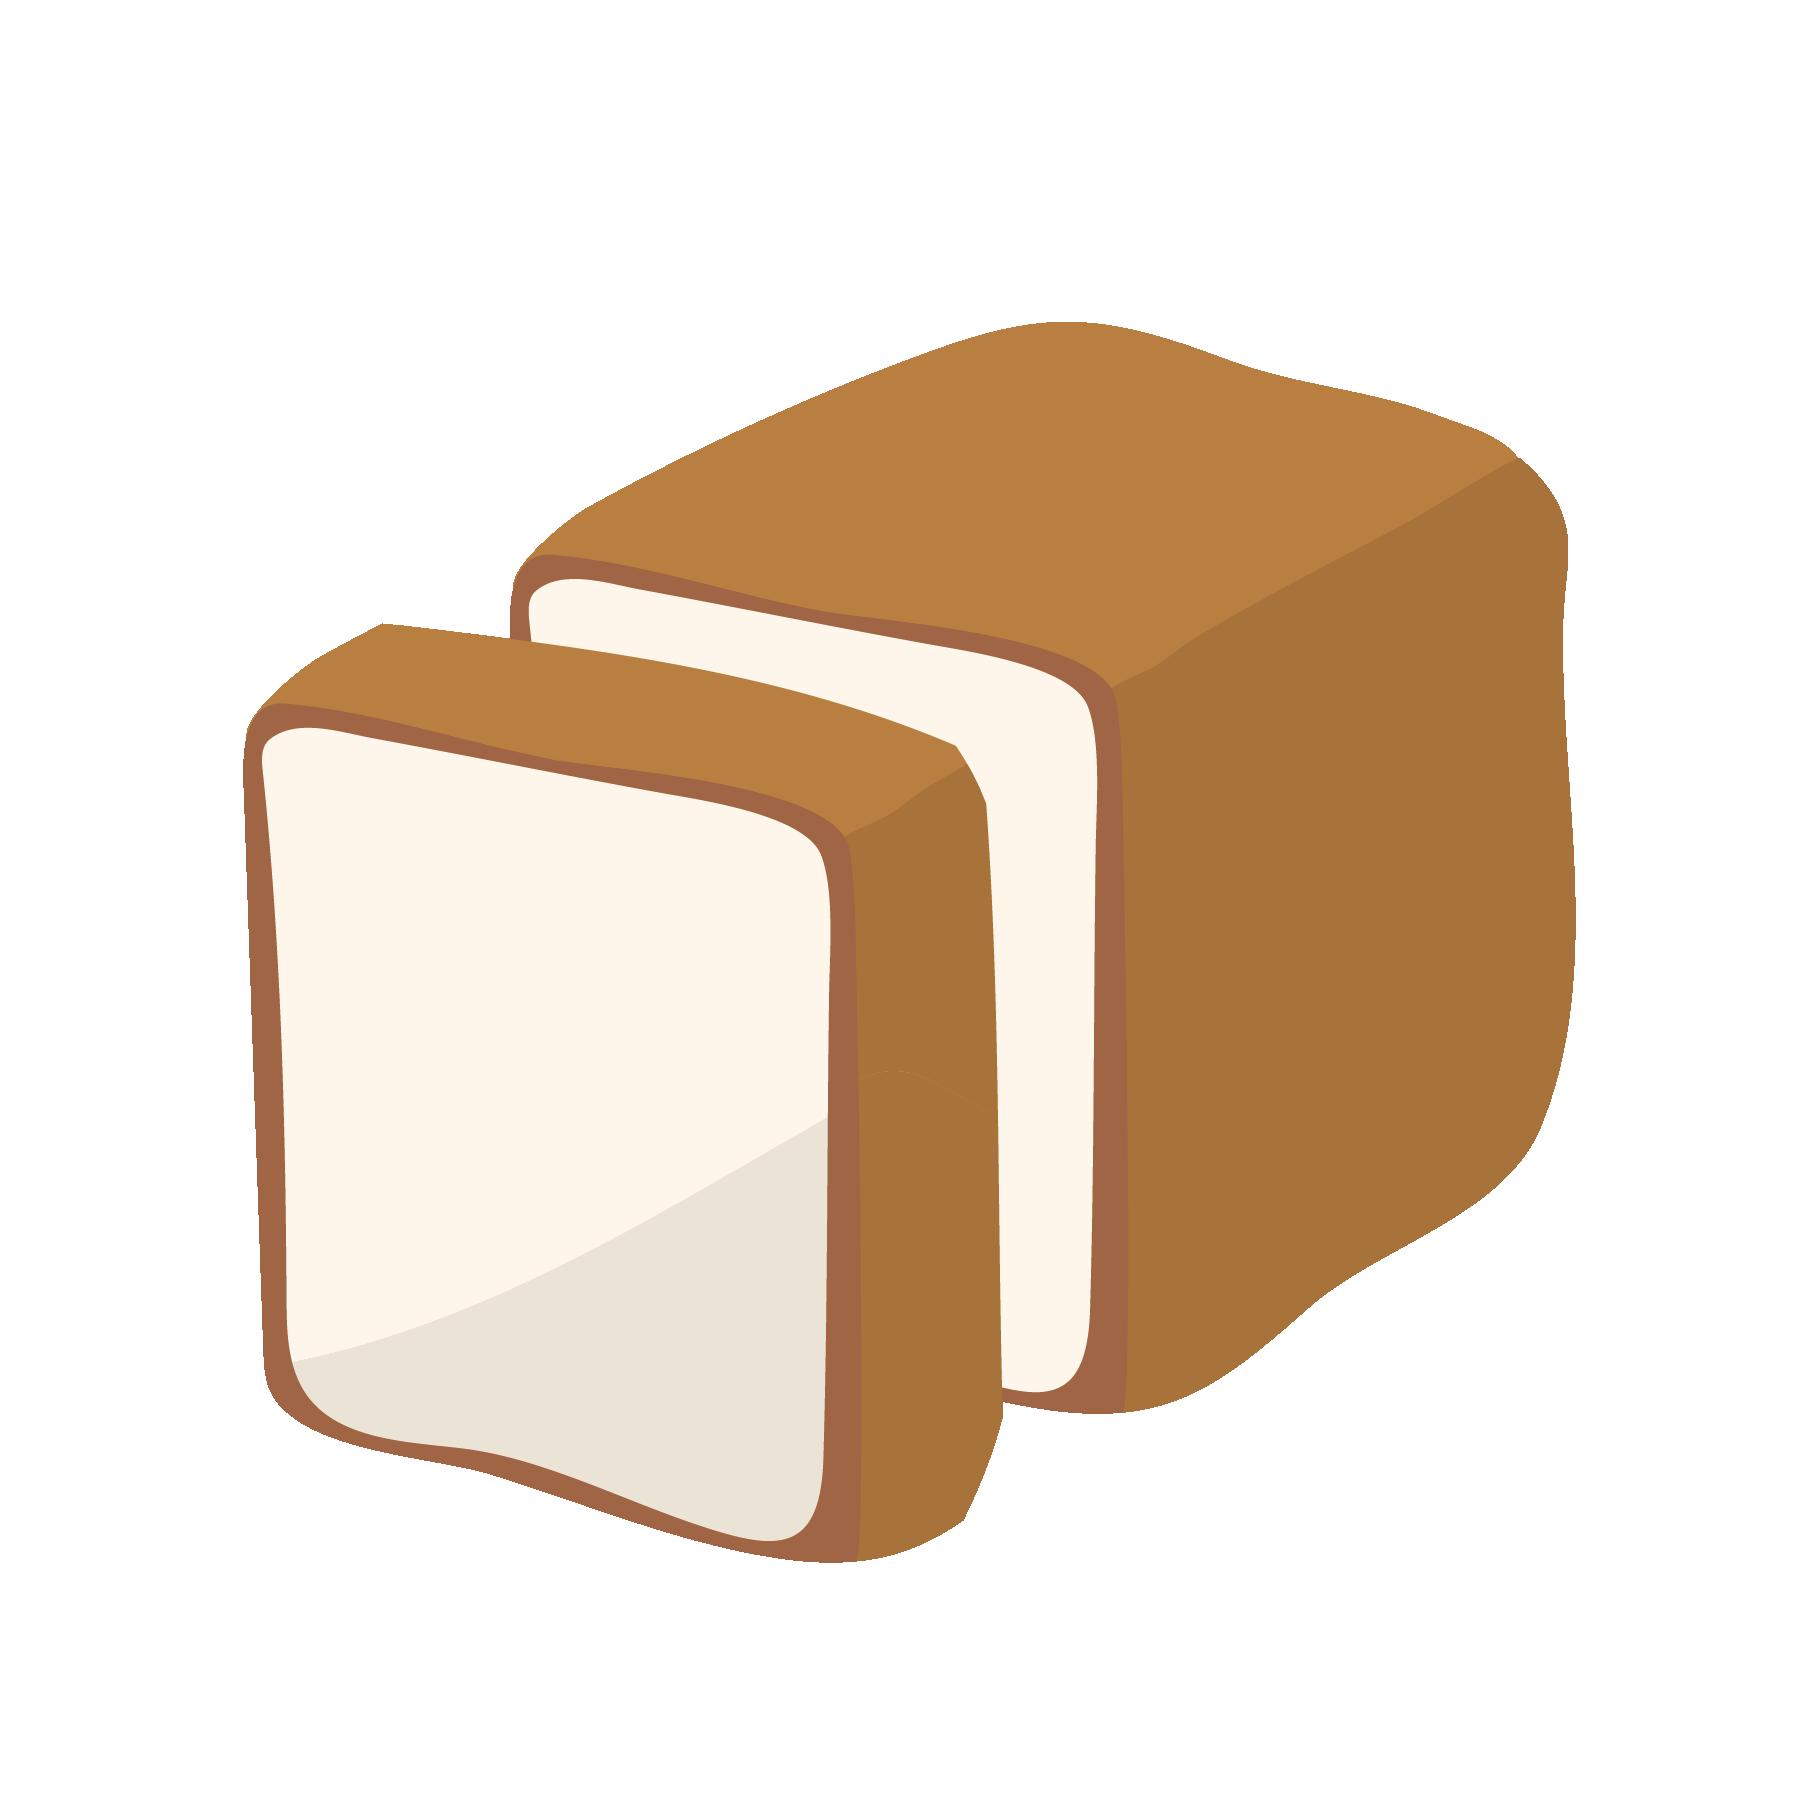 食パンしょくぱんのイラスト 商用フリー無料のイラスト素材なら